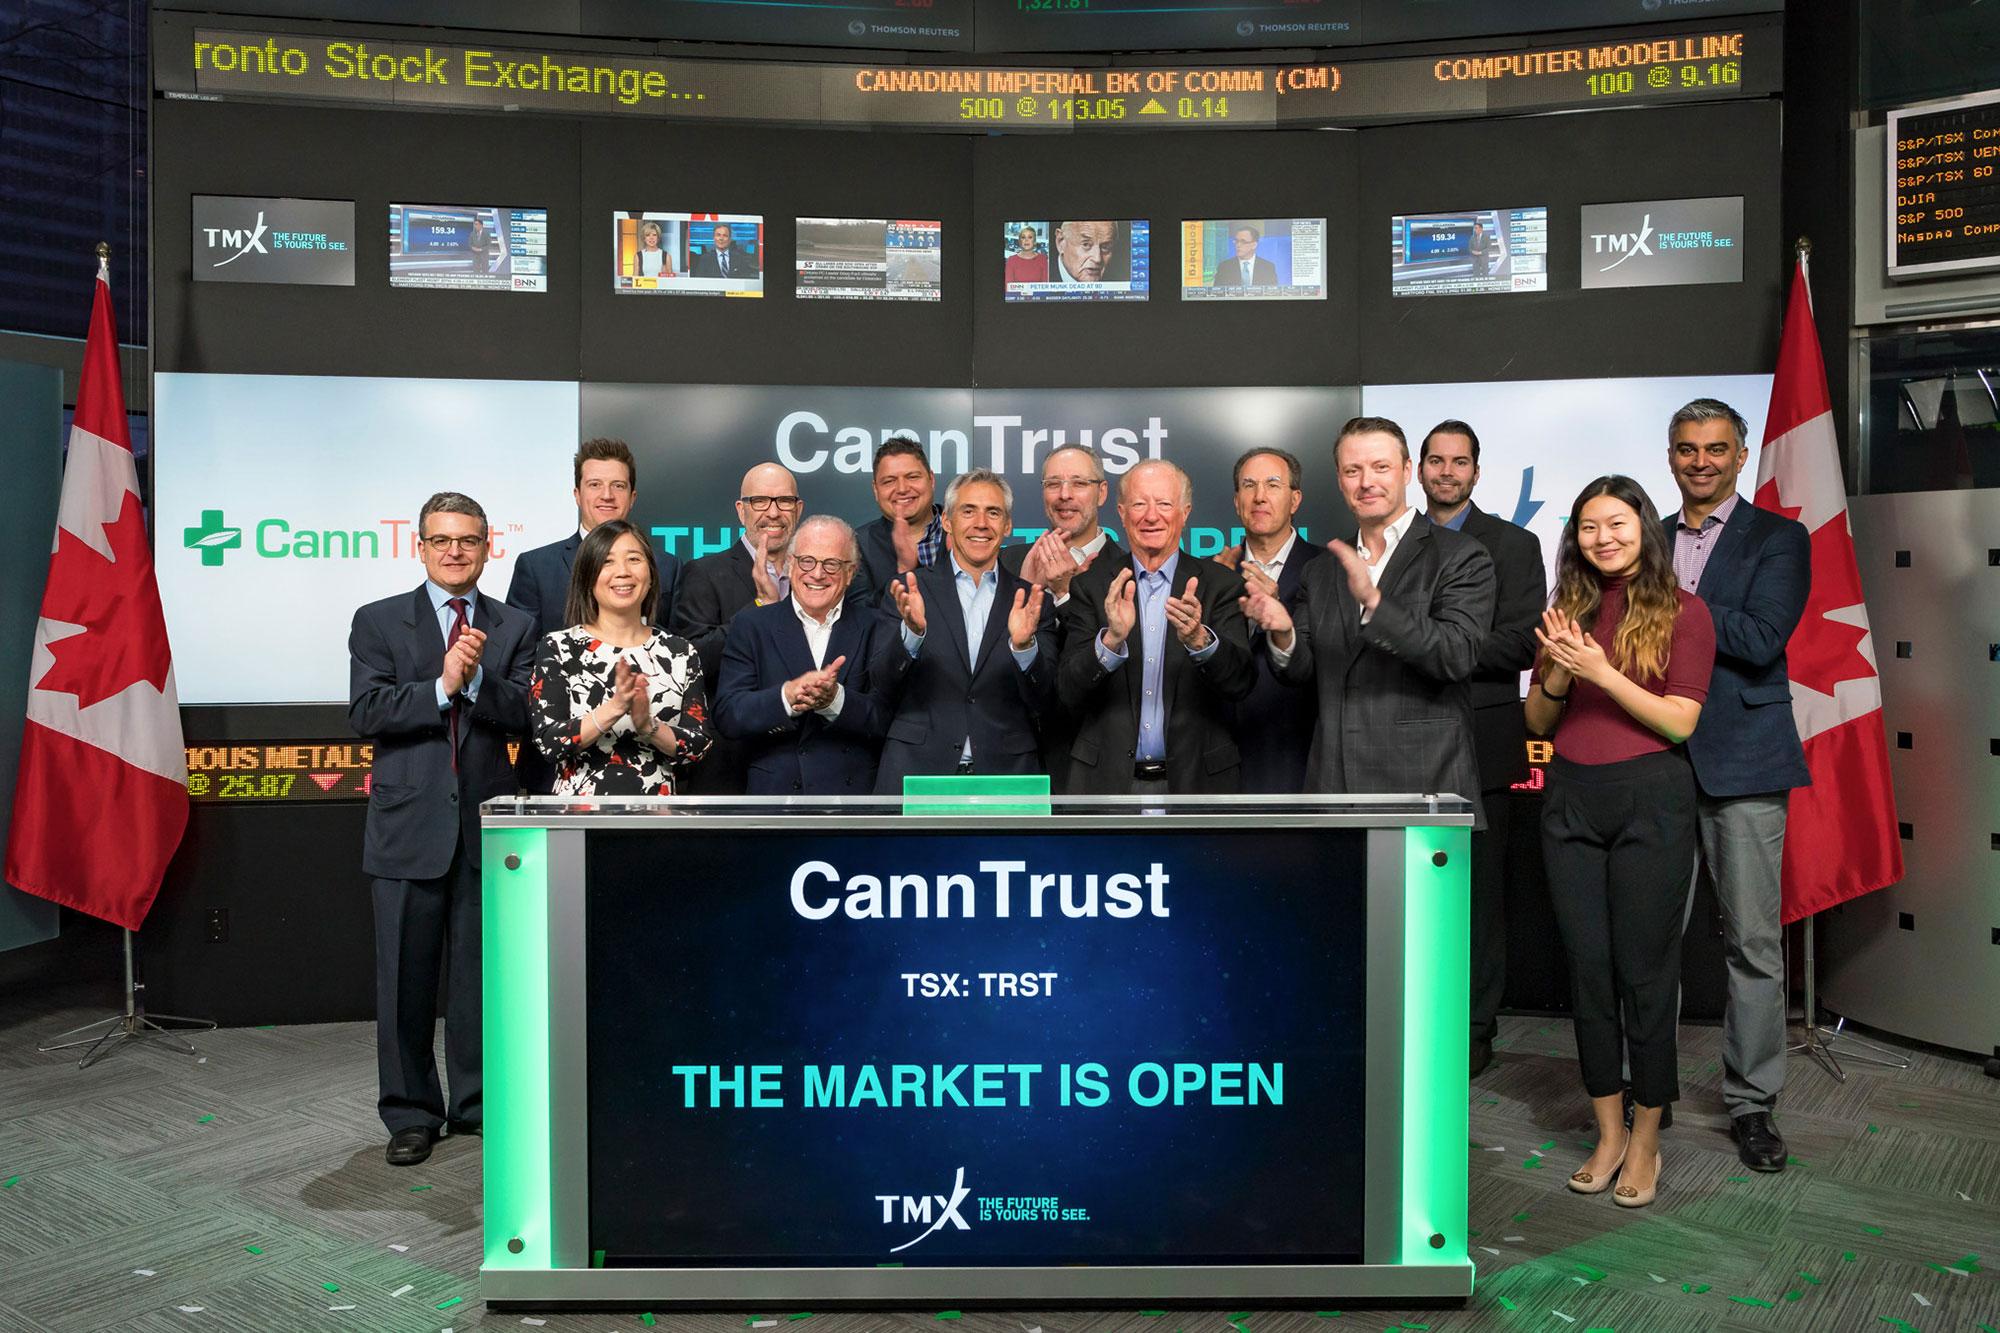 Tmx Tsx Tsxv News Market Opens